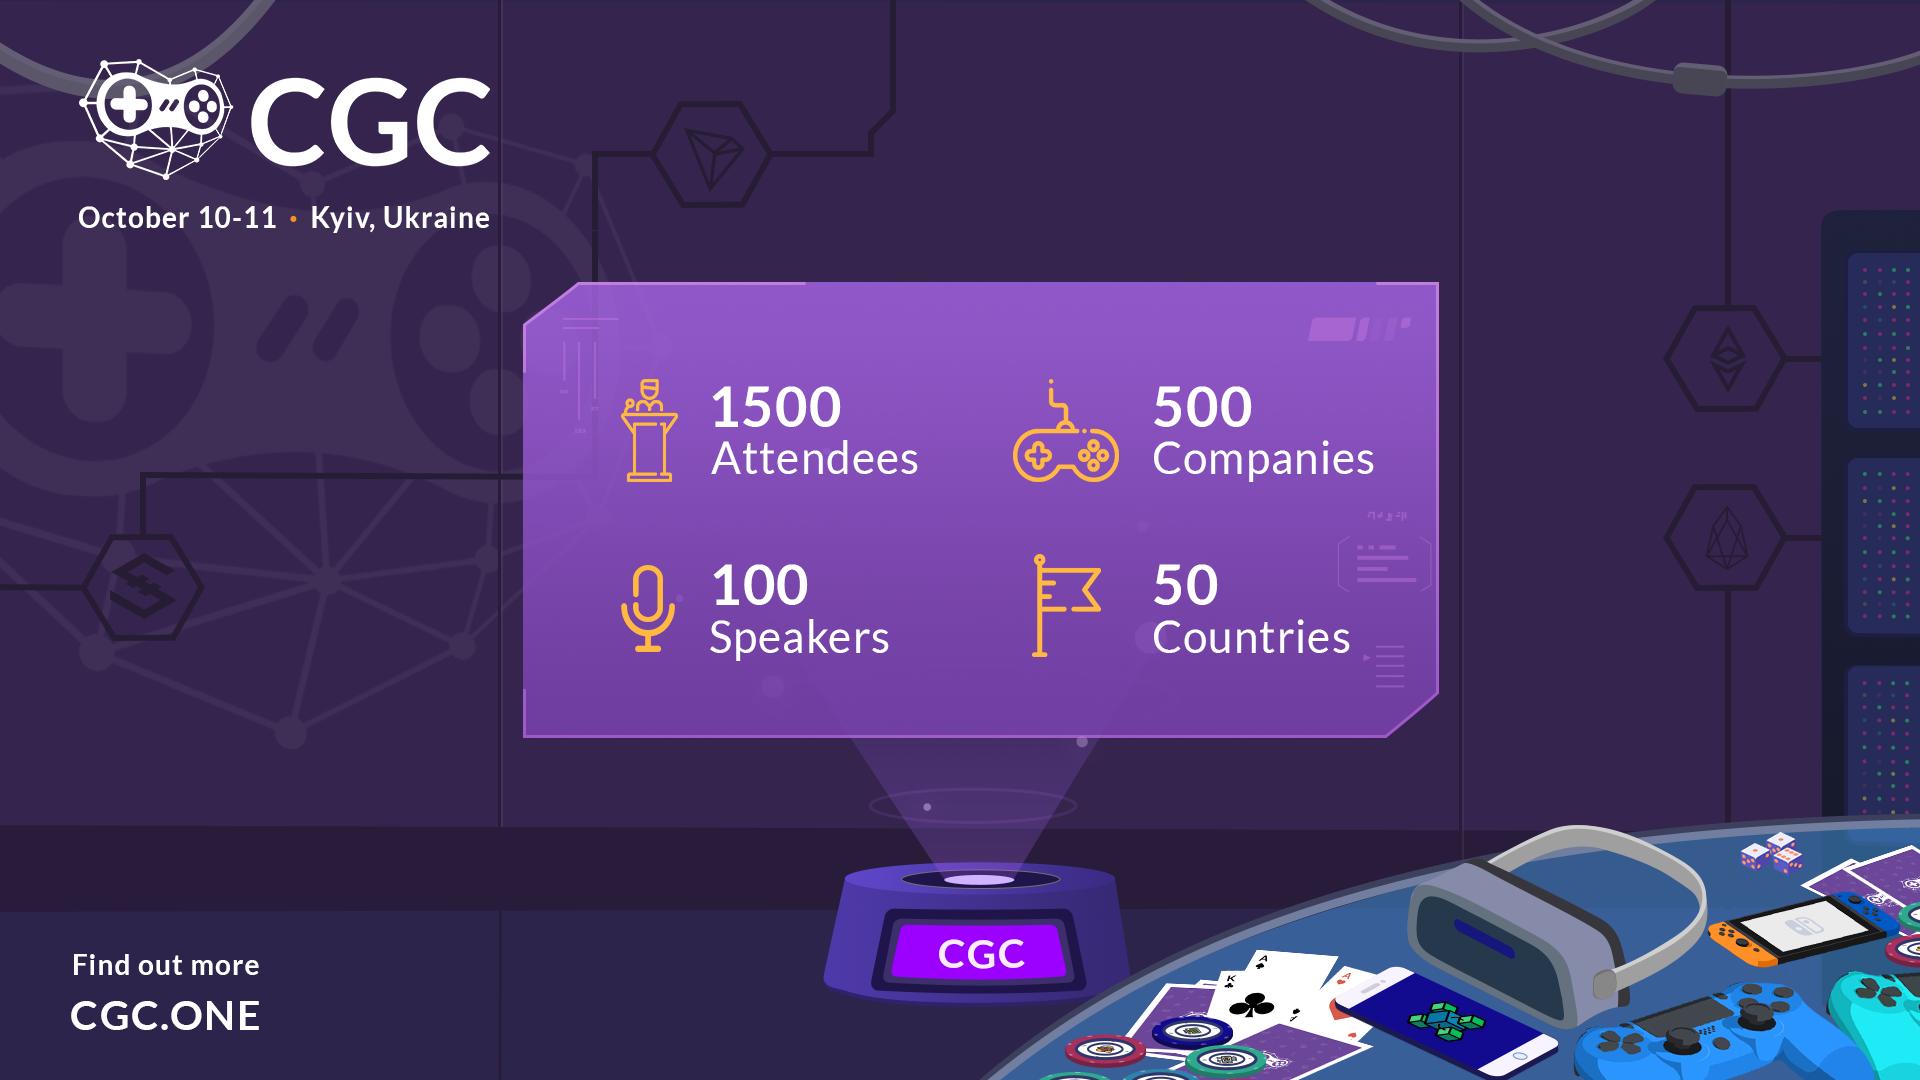 🎮 У Києві пройде найбільша конференція присвячена блокчейн-іграм CGC Kyiv 2019: що цікавого